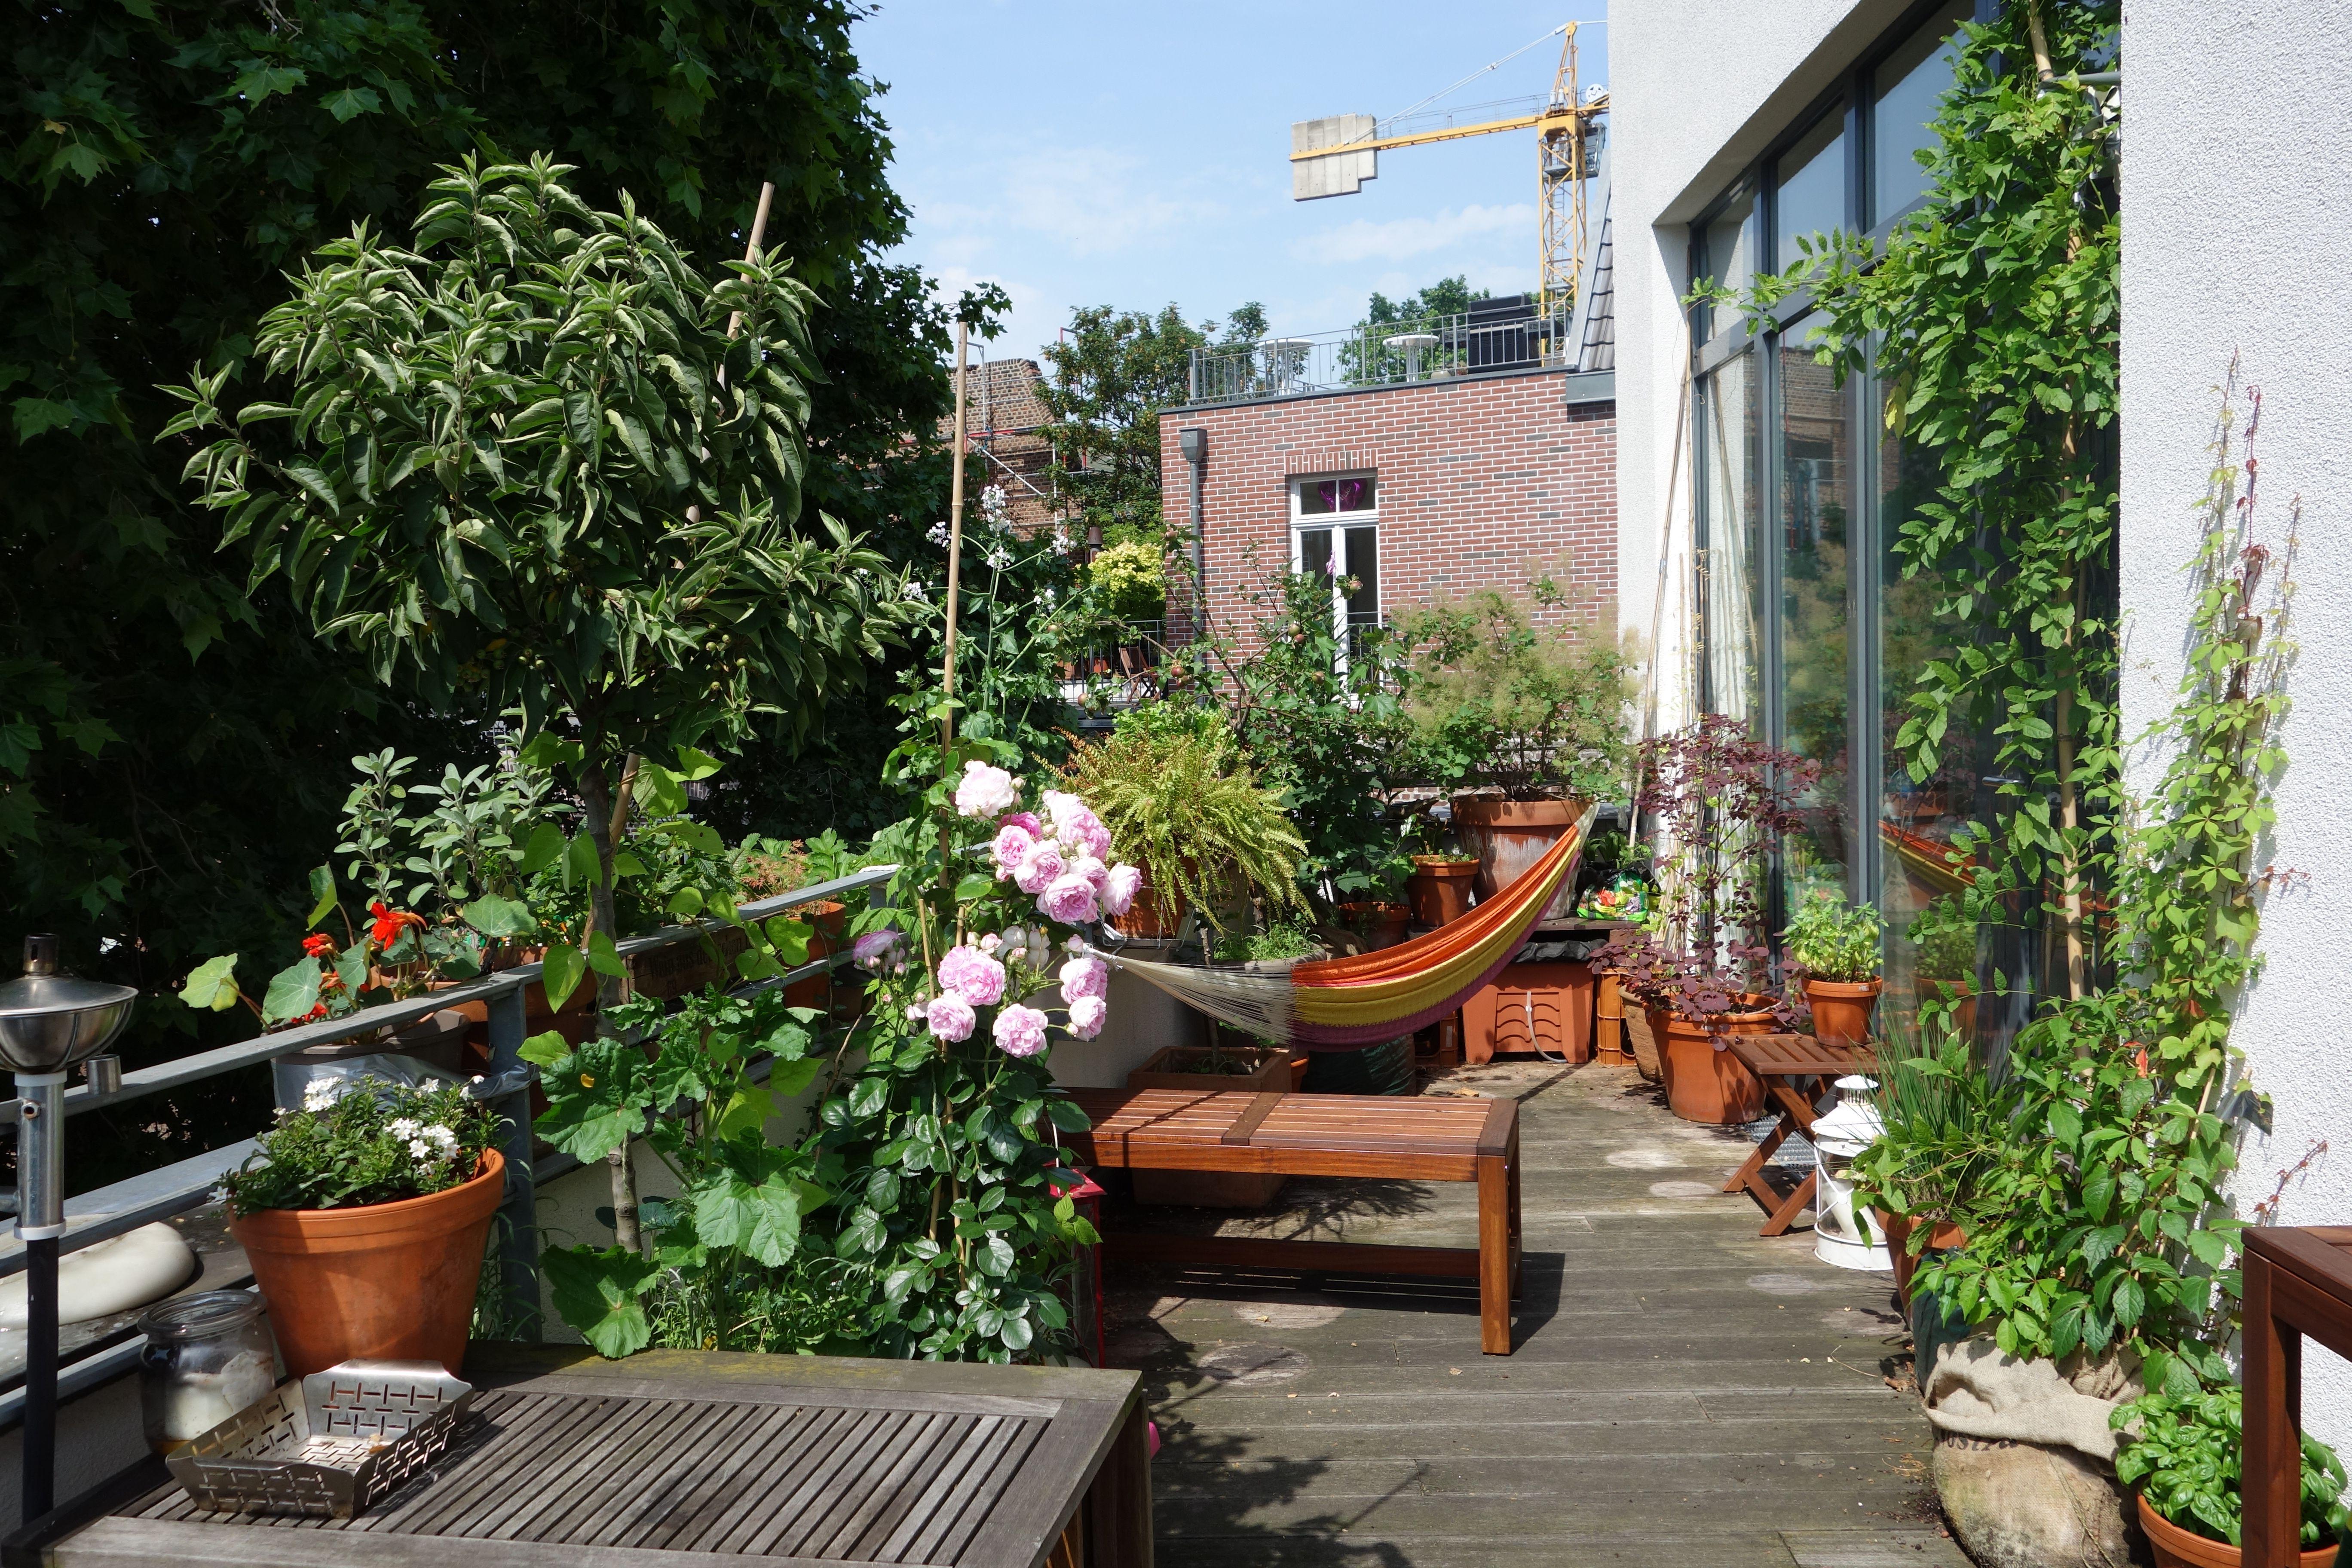 Awesome Indoor Garten Wohlfuhloase Wohnung Begrunen Gallery - New ...